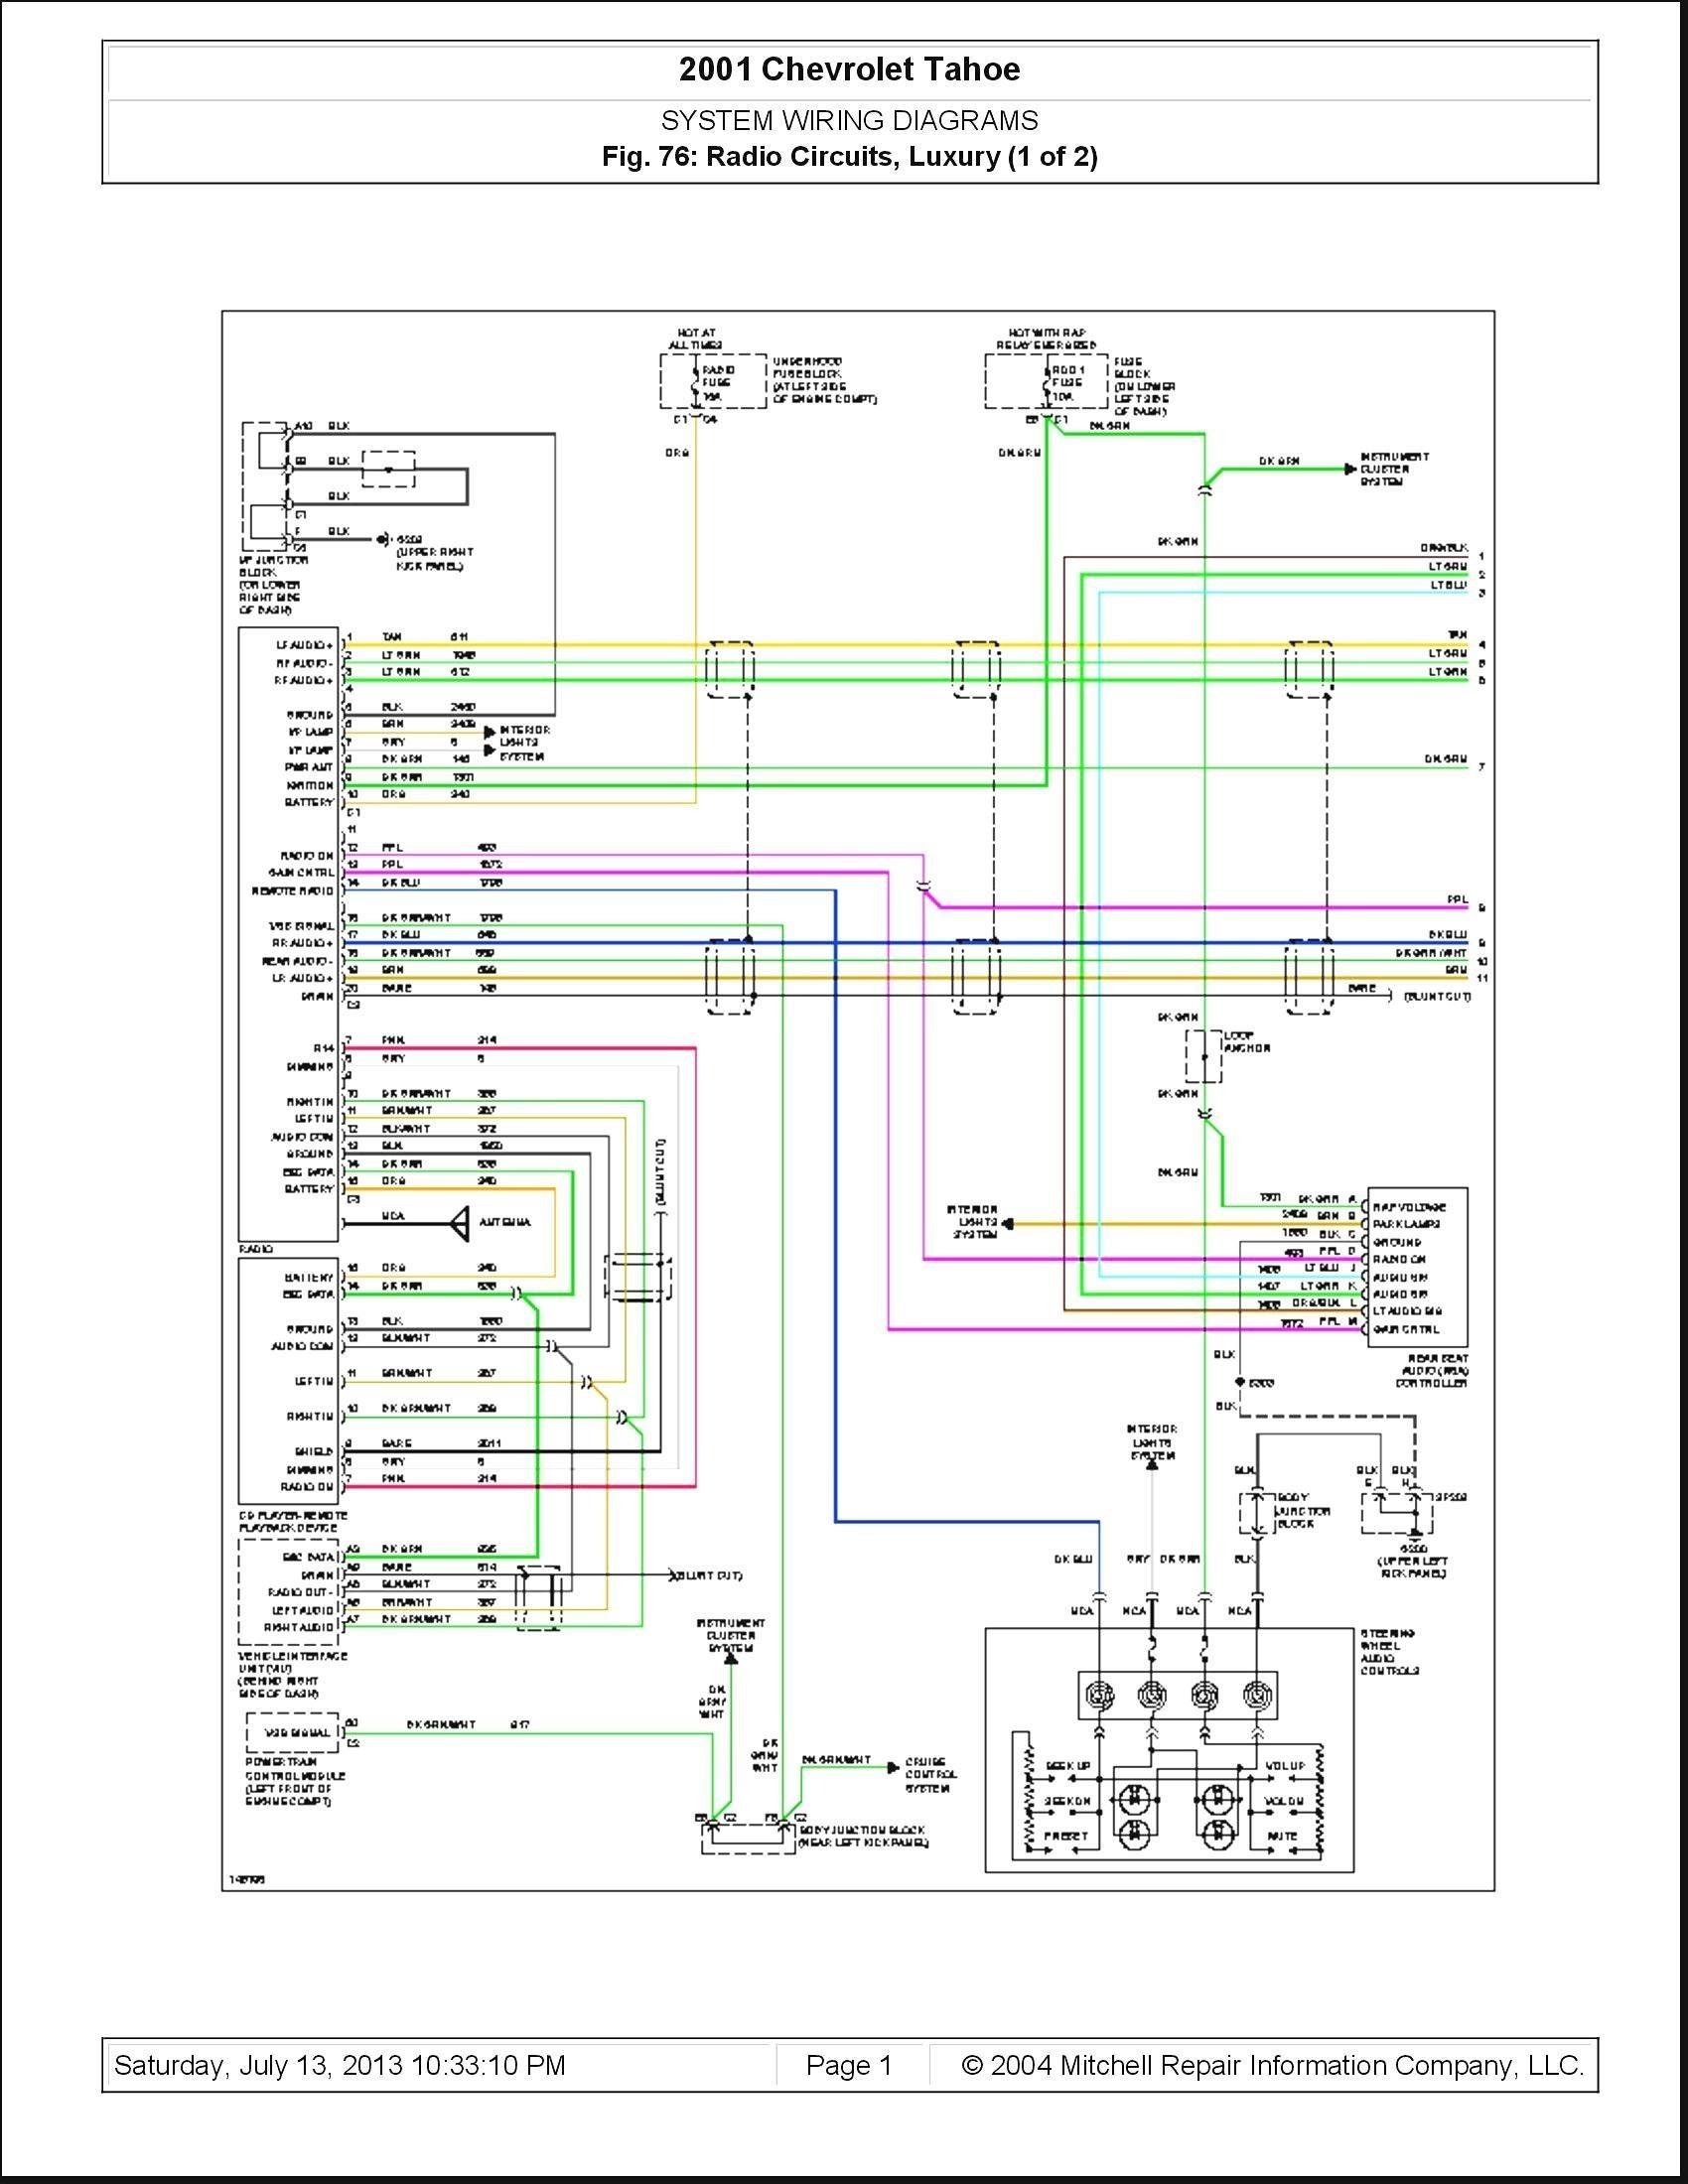 1995 Kia Sportage Wiring Diagram - Engineering Wiring Diagram -  fusebox.ikikik.jeanjaures37.frWiring Diagram